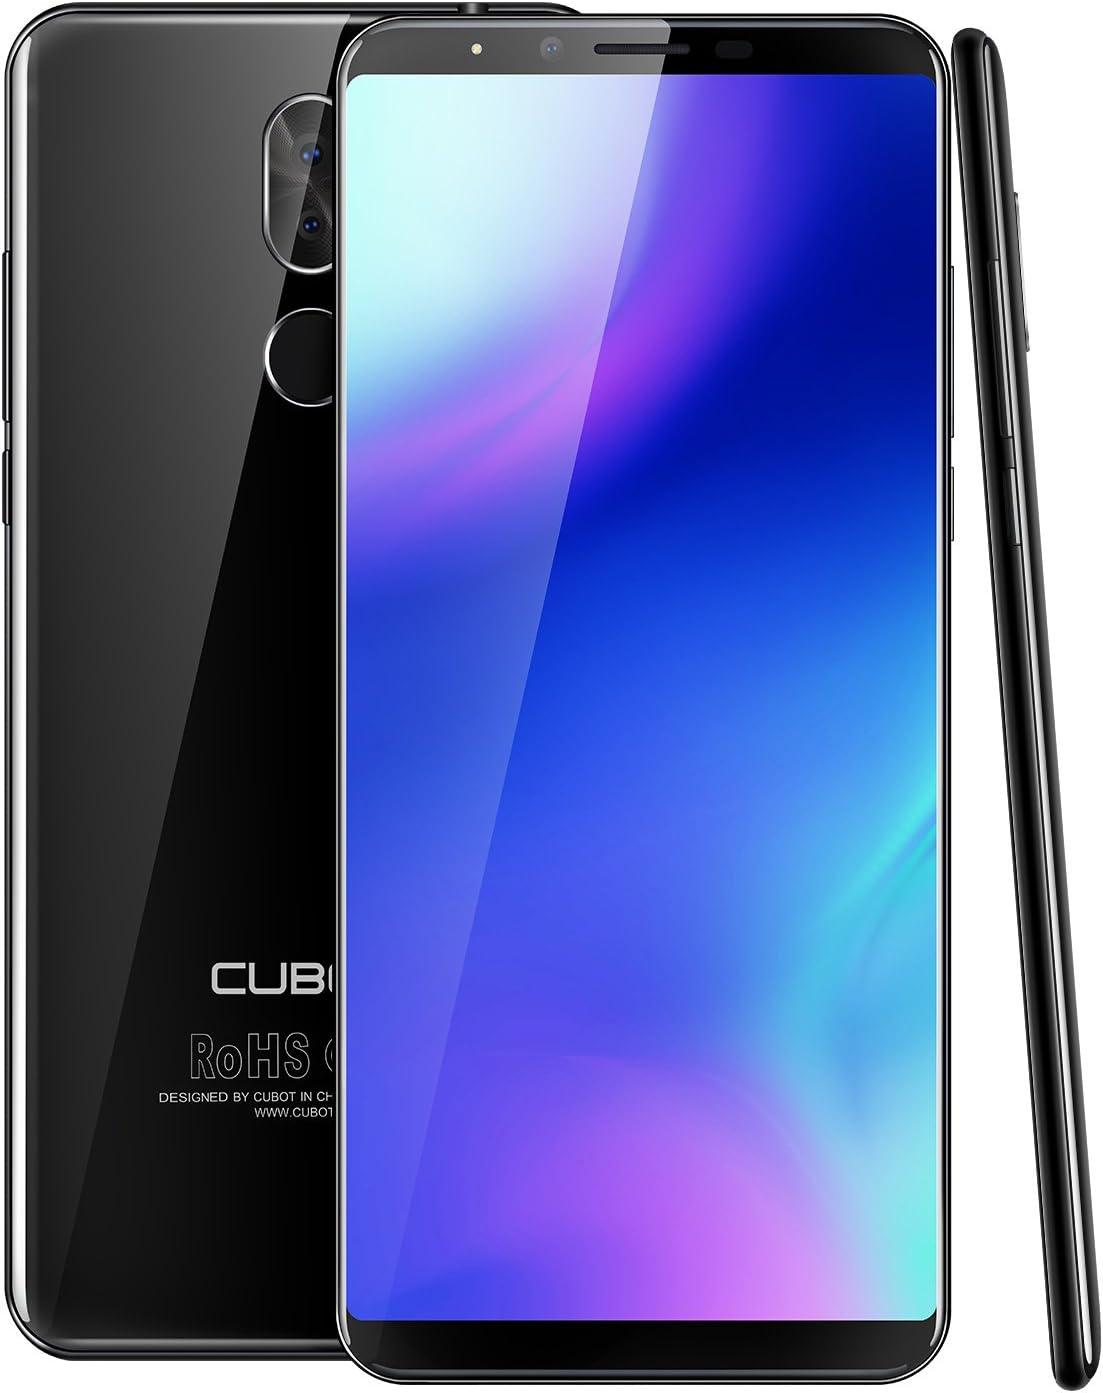 CUBOT X18 Plus Smartphone 4G Telefono Móvil con Pantalla de 5.99 Pulgadas 18:9 FHD + 2160 * 1080 Android 8.0 Octa Core 4GB +64 GB Dual Cámaras traseras 4000mAh Batería Dual SIM Huella Digital Negro: Amazon.es: Electrónica